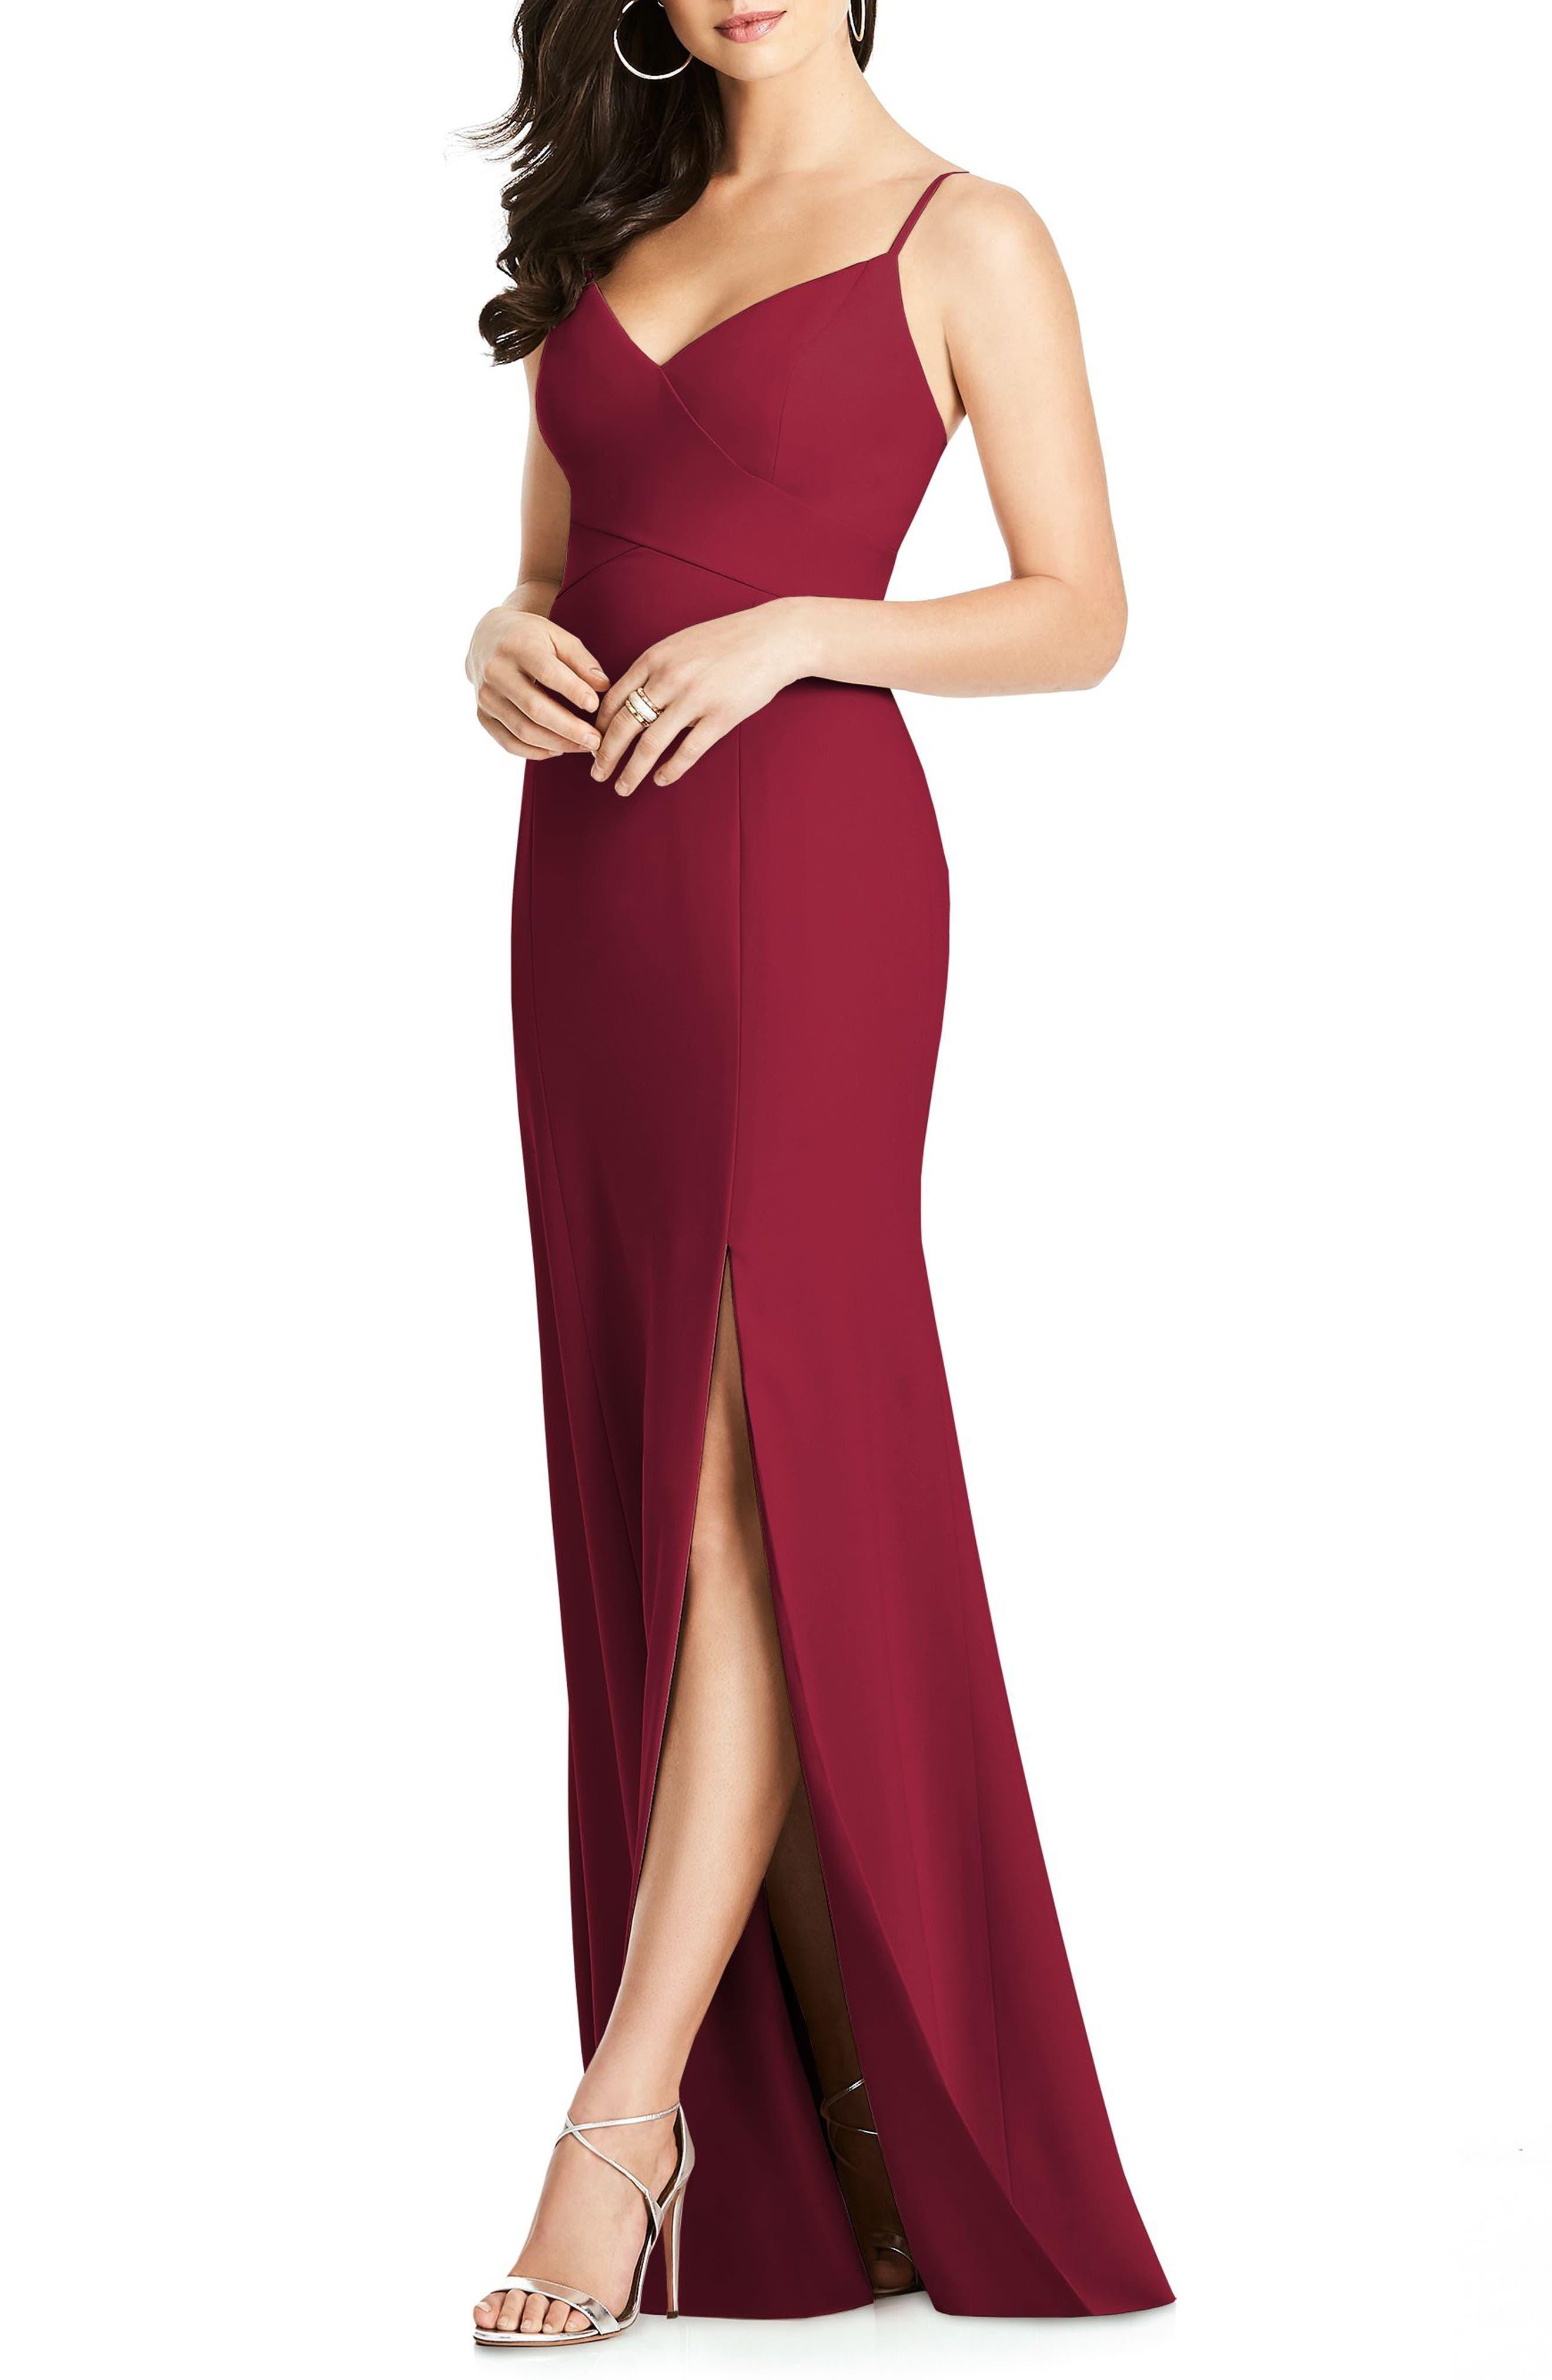 High Slit Formal Dress